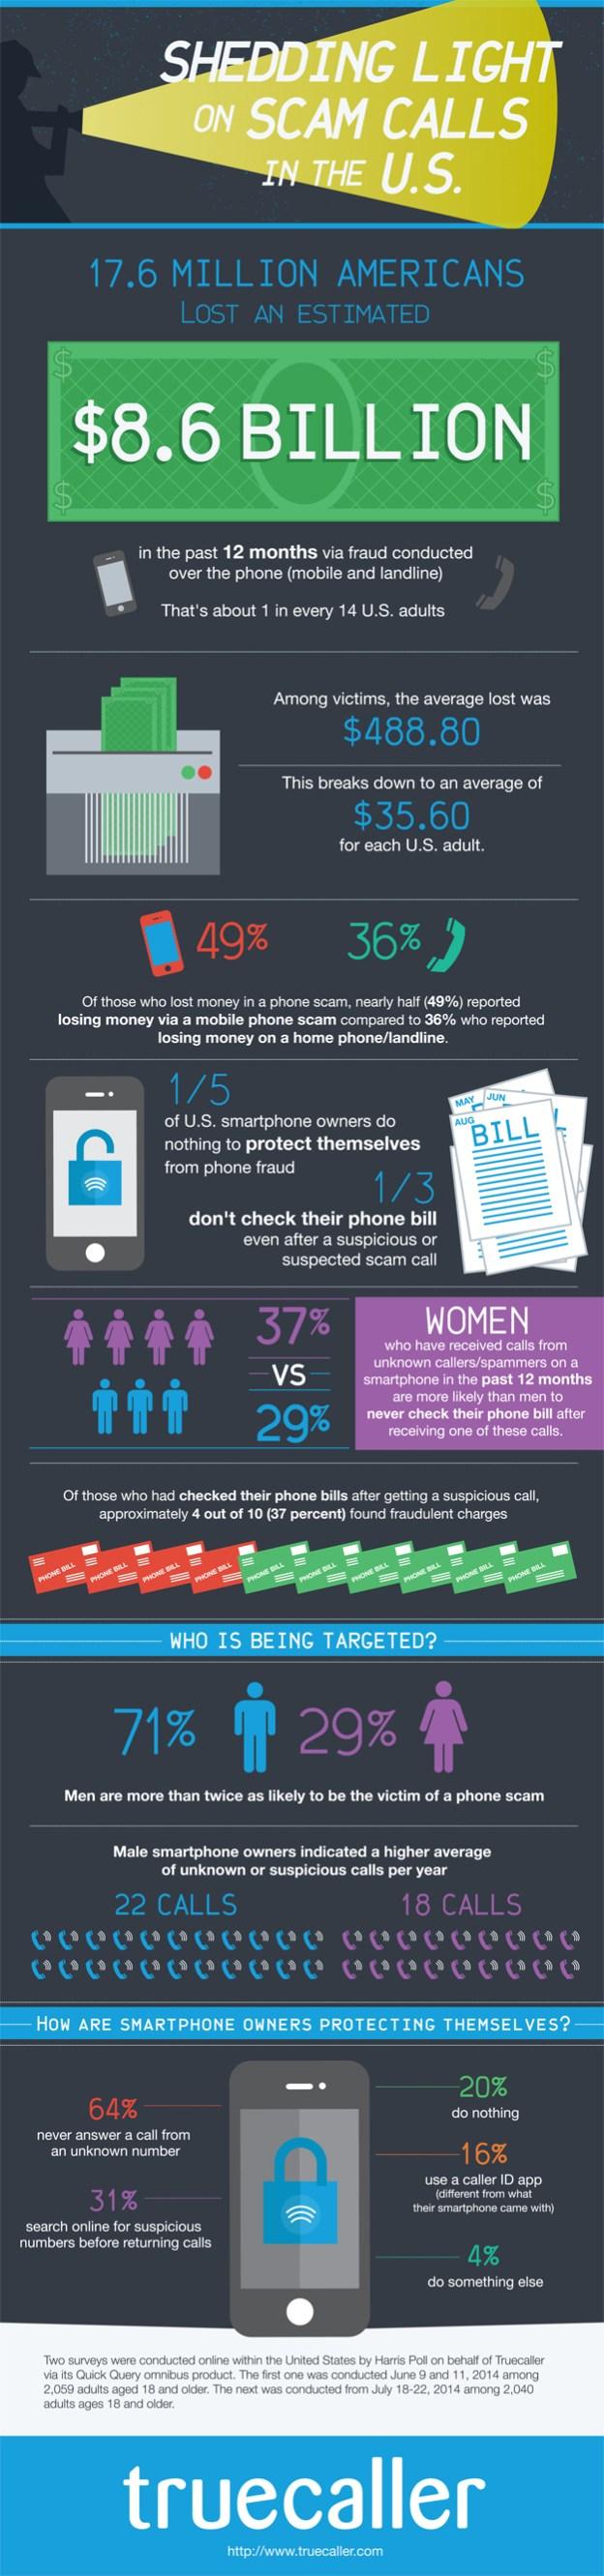 Truecaller_Infographic